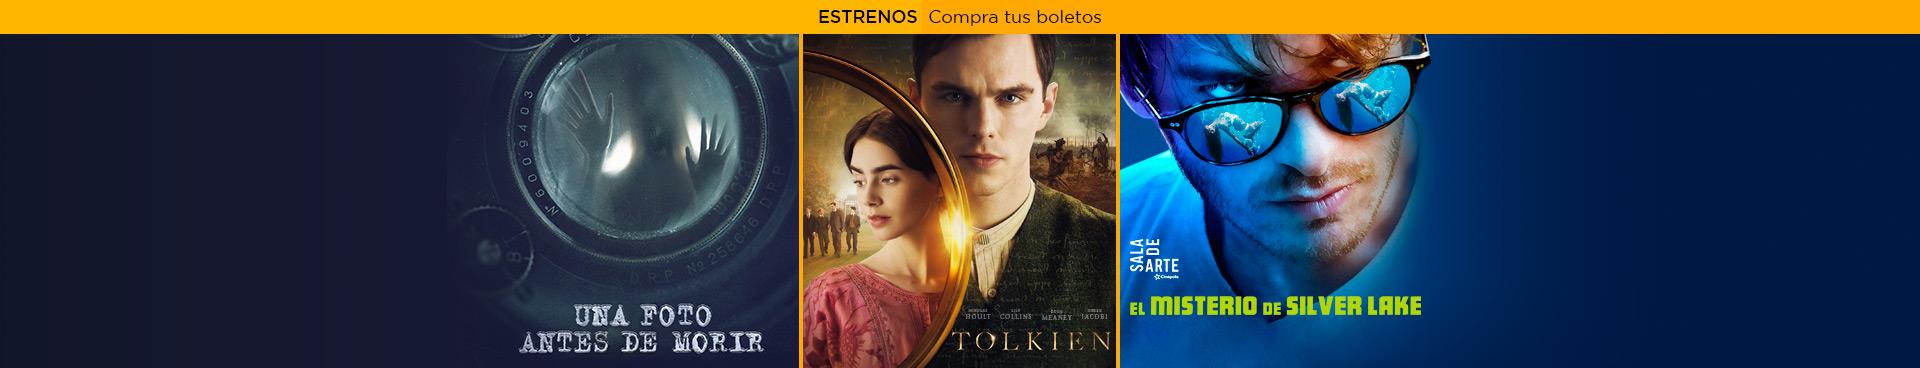 Estrenos: Una Foto antes de morir / Tolkien / El Misterio de Silver Lake